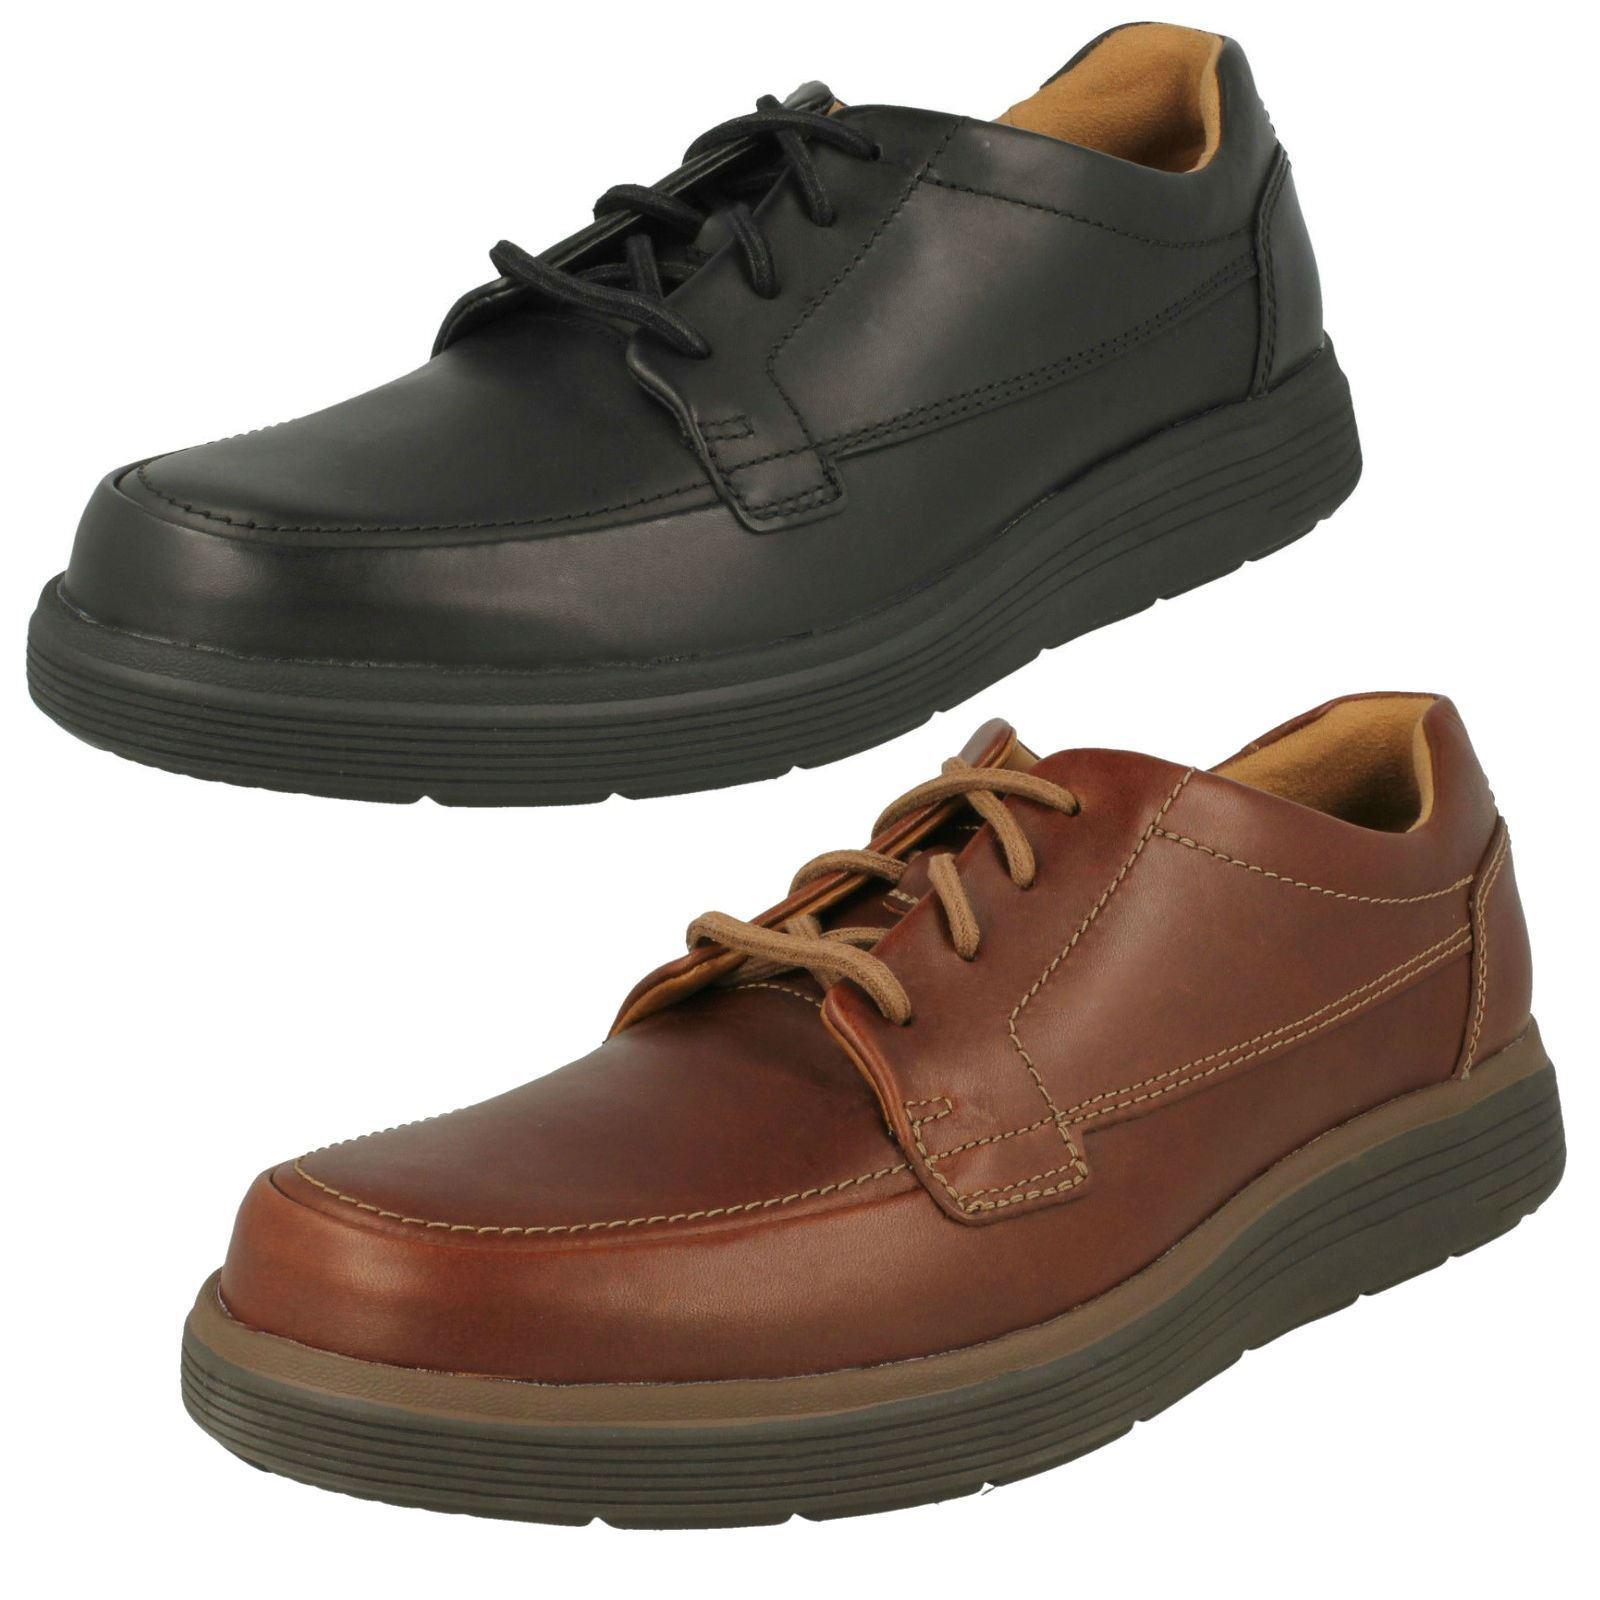 cdbc9969 Clarks Zapatos Formales Cordones hombre un Morada facilidad Para Con  nbiluy177-Zapatos de vestir